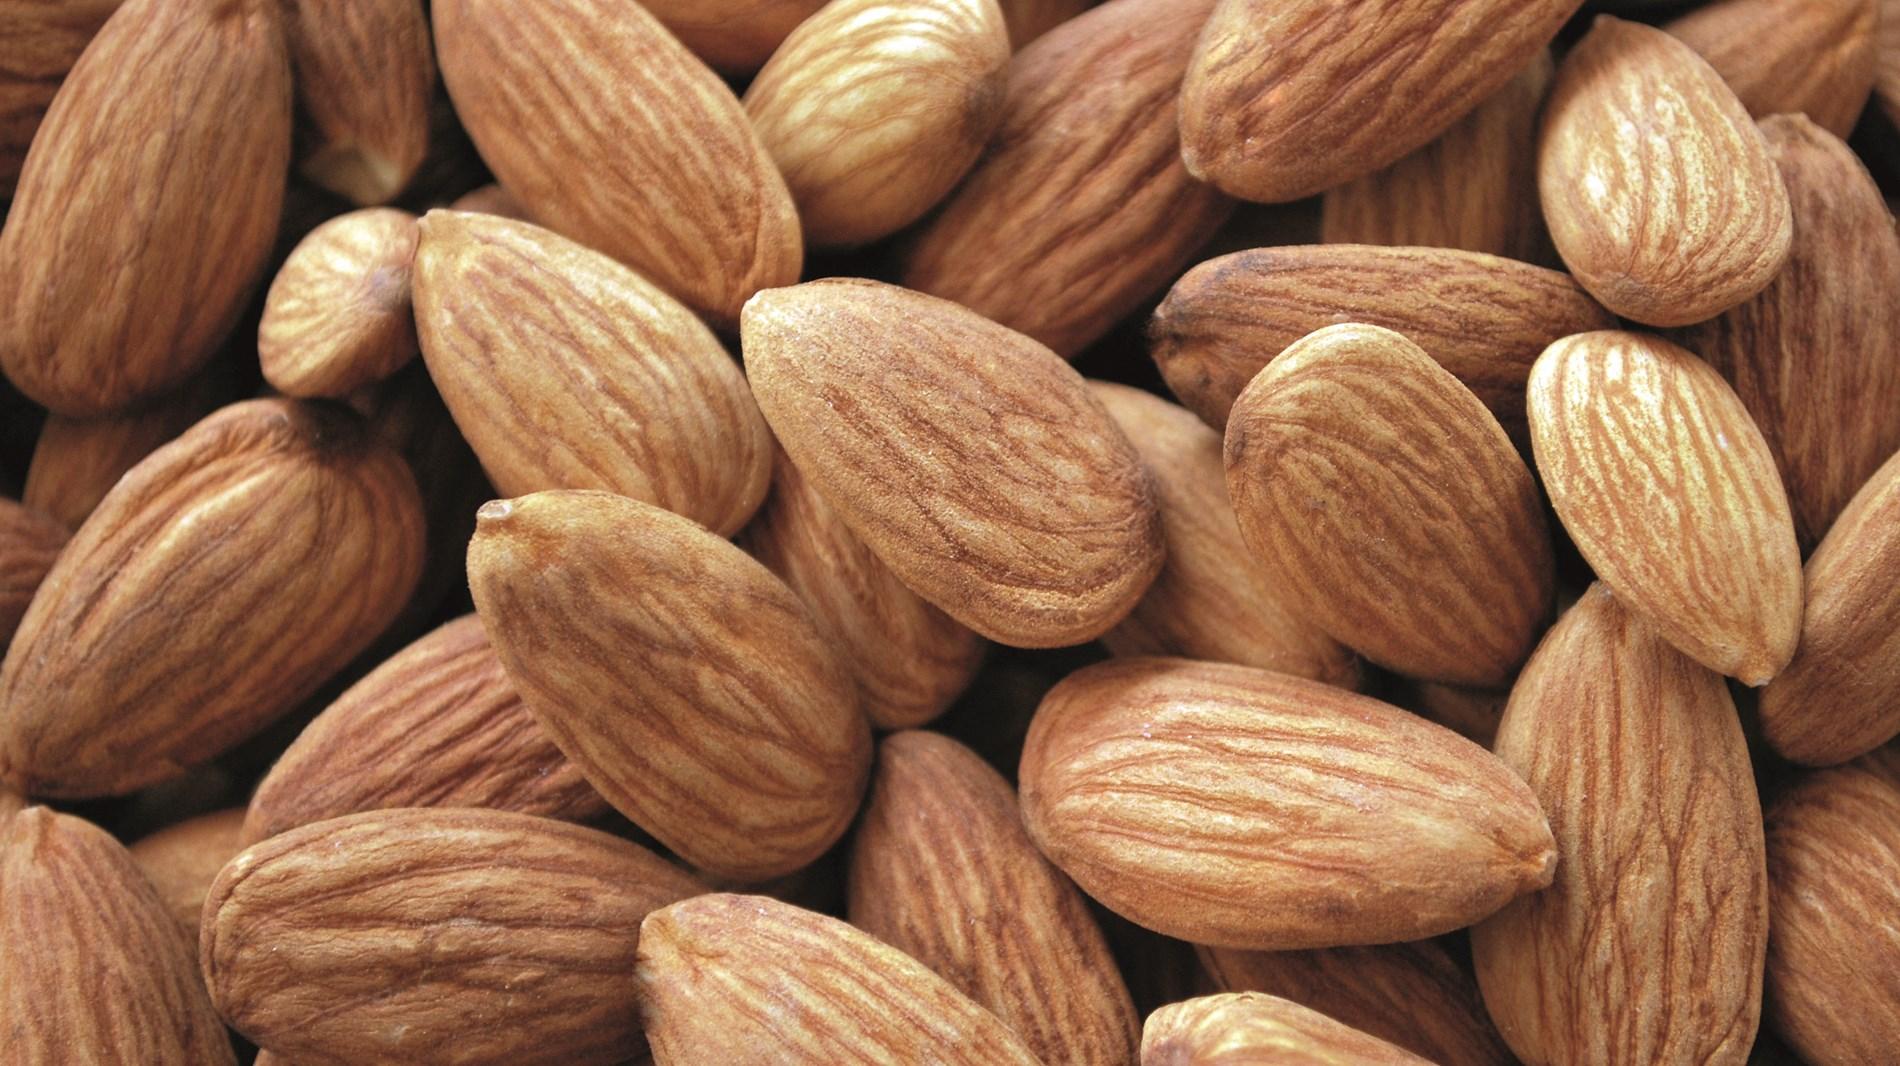 دقيق اللوز قيمة غذائية «حلوة» المذاق